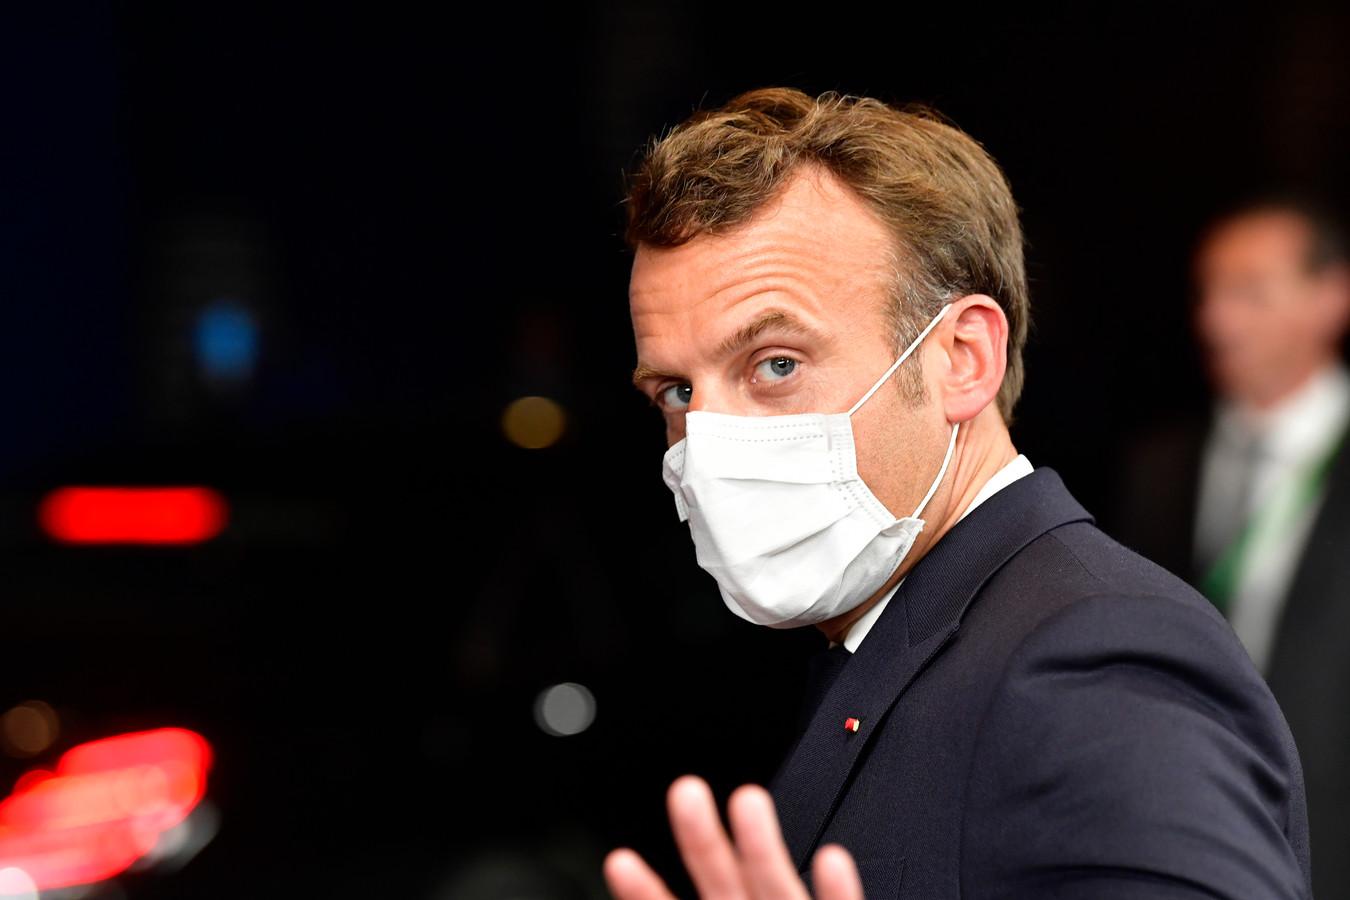 De Franse president Emmanuel Macron  bij het verlaten van het EU-gebouw in Brussel.